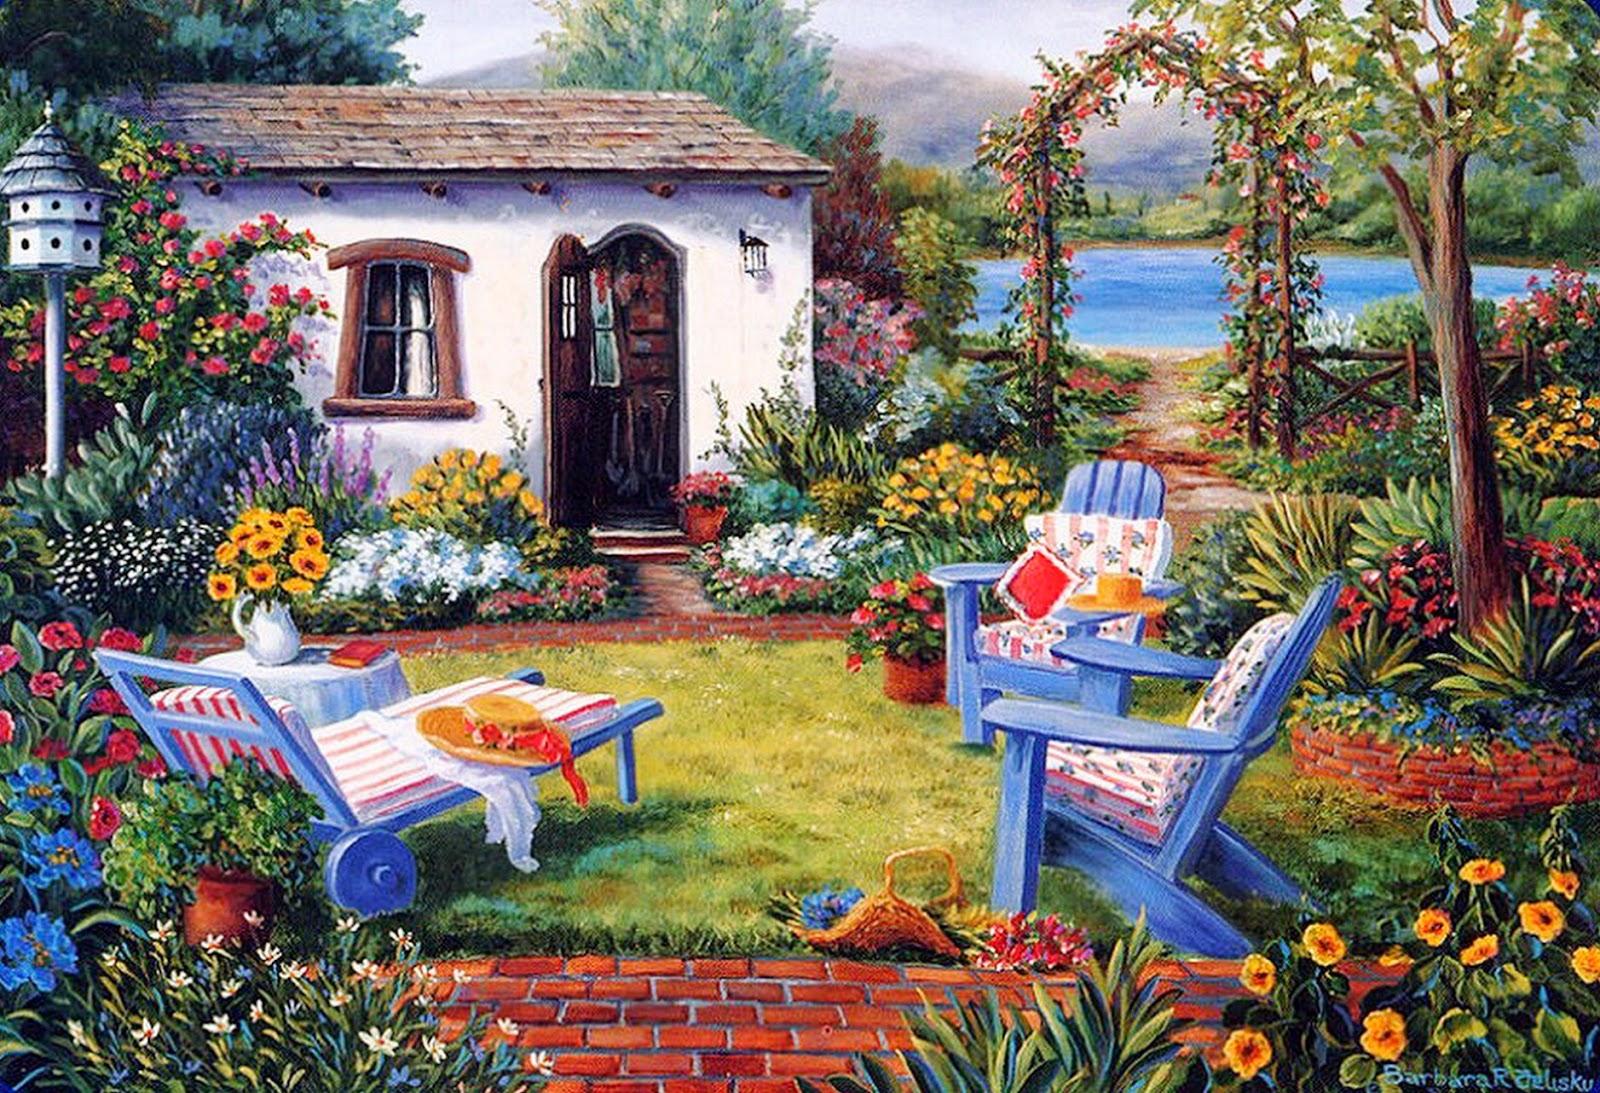 Imagenes De Jardines Con Flores: Imágenes Arte Pinturas: Paisajes Con Jardines Y Flores